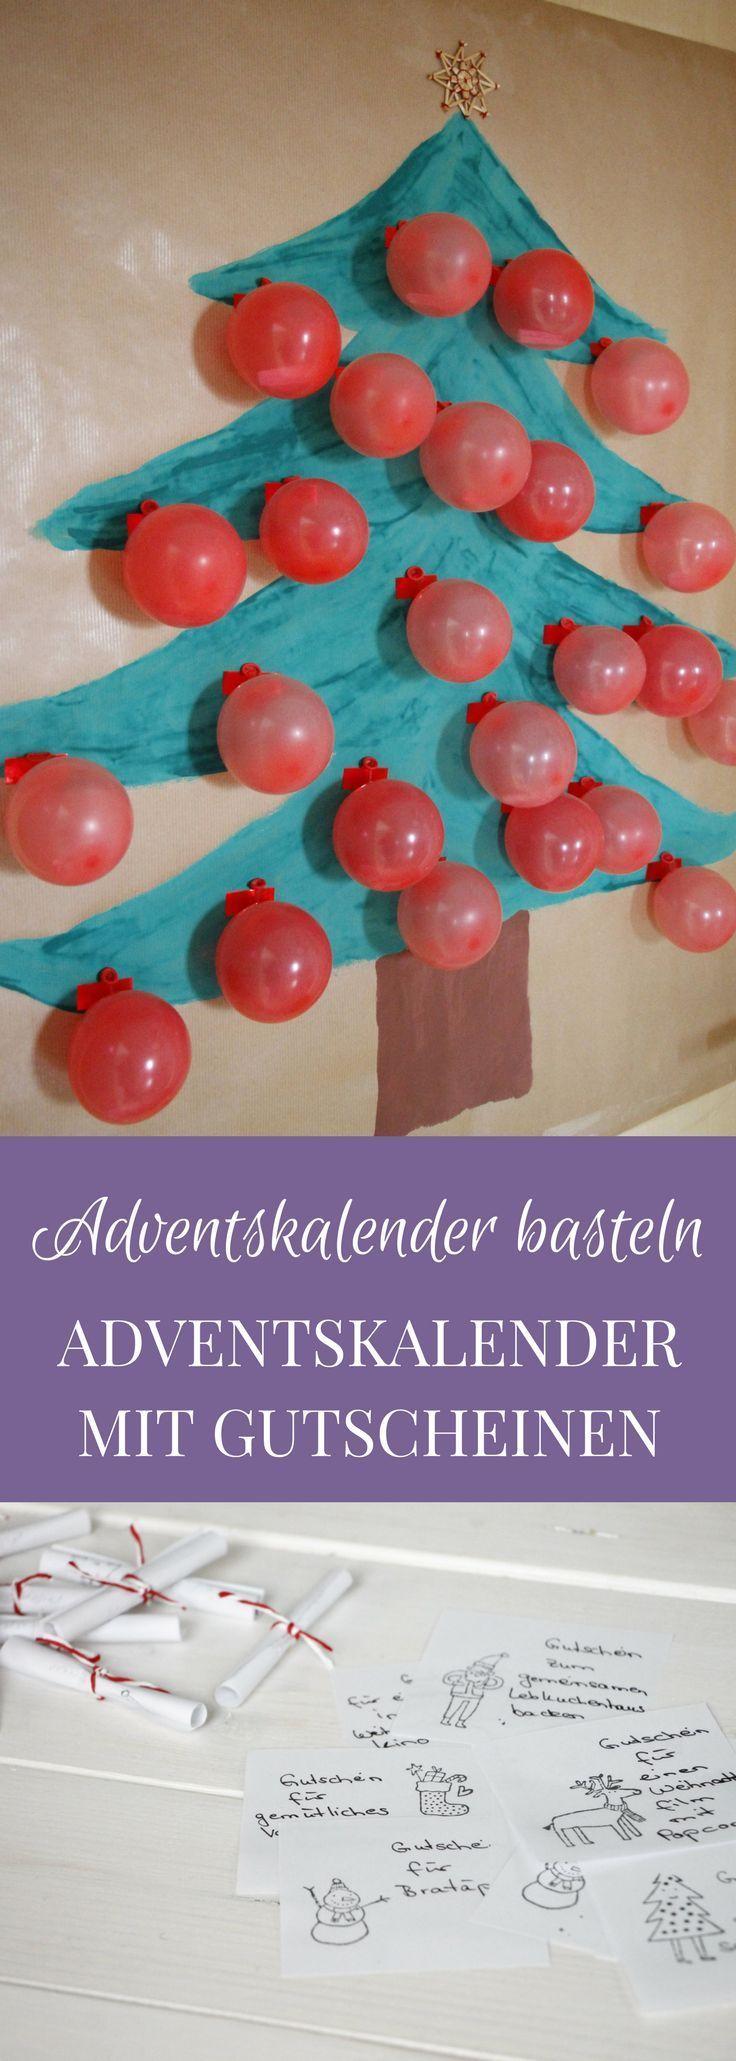 Adventskalender basteln: Ideen für einen Weihnachtsbaum-Adventskalender mit Luftballons